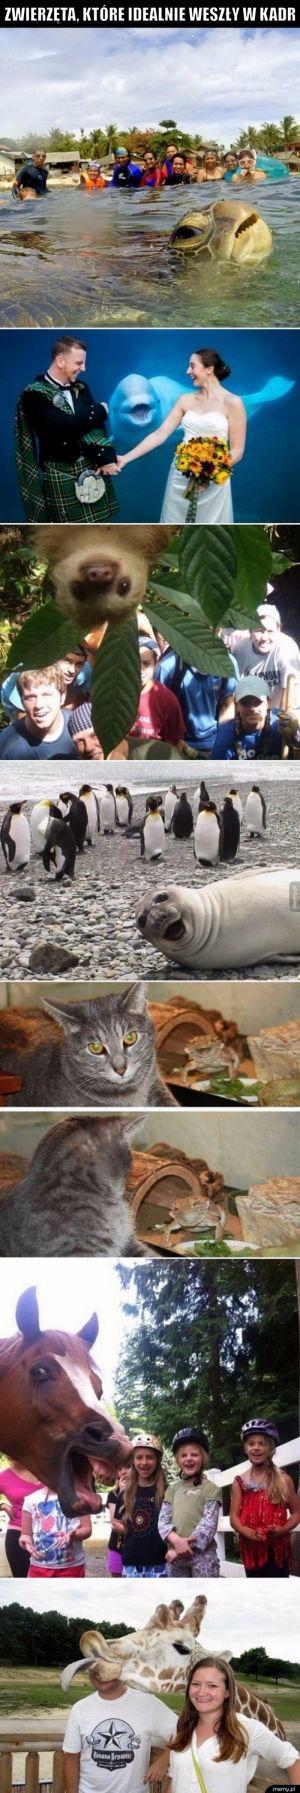 Zwierzęta, które idealnie weszły w kadr